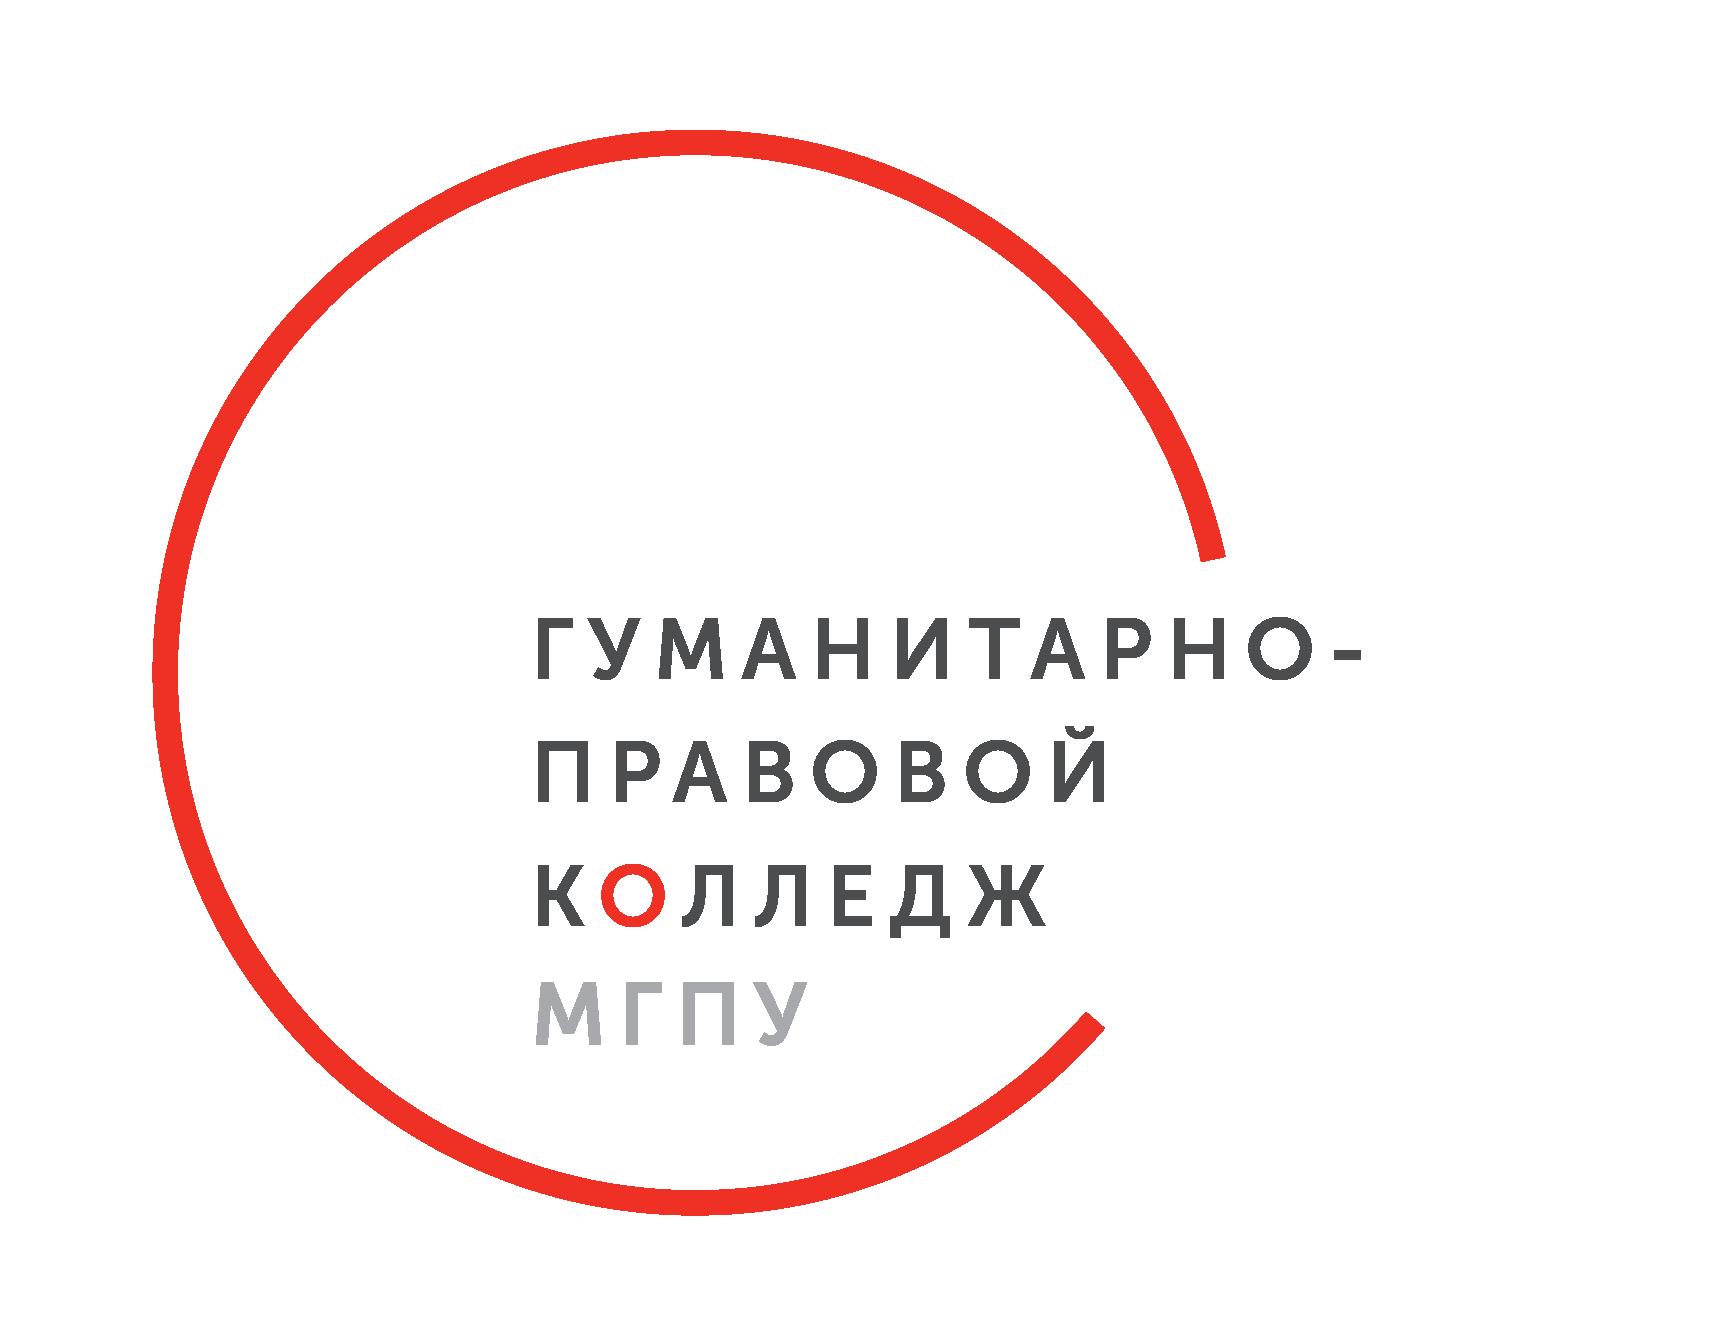 Гуманитарно-правовой колледж института права и управления